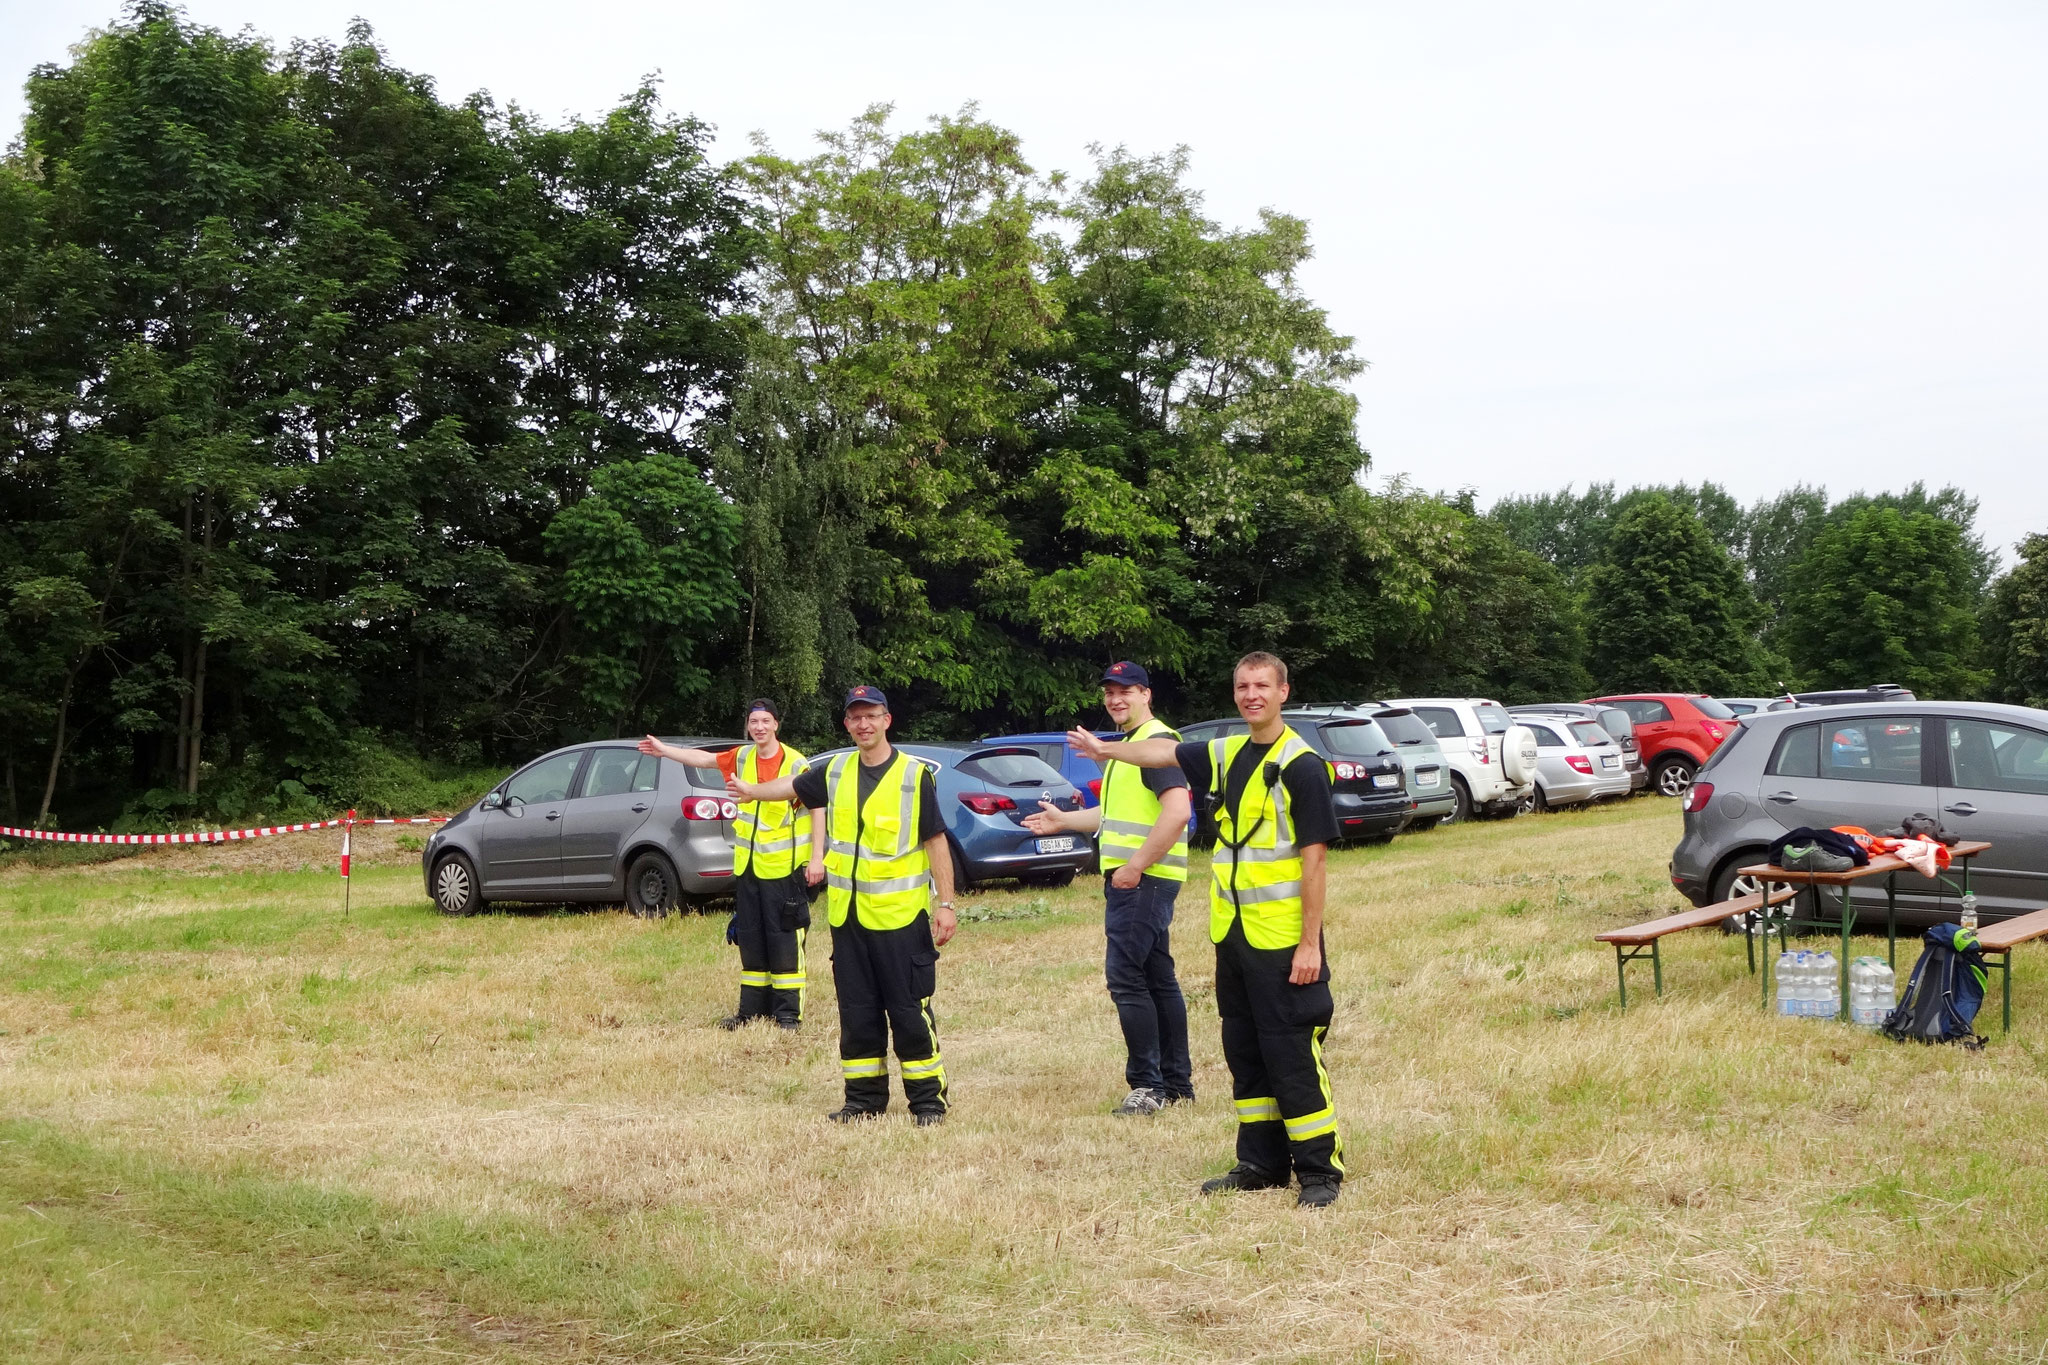 Die Feuerwehr war für die Parkplätze verantwortlich Bild: Dietmar Nikelat